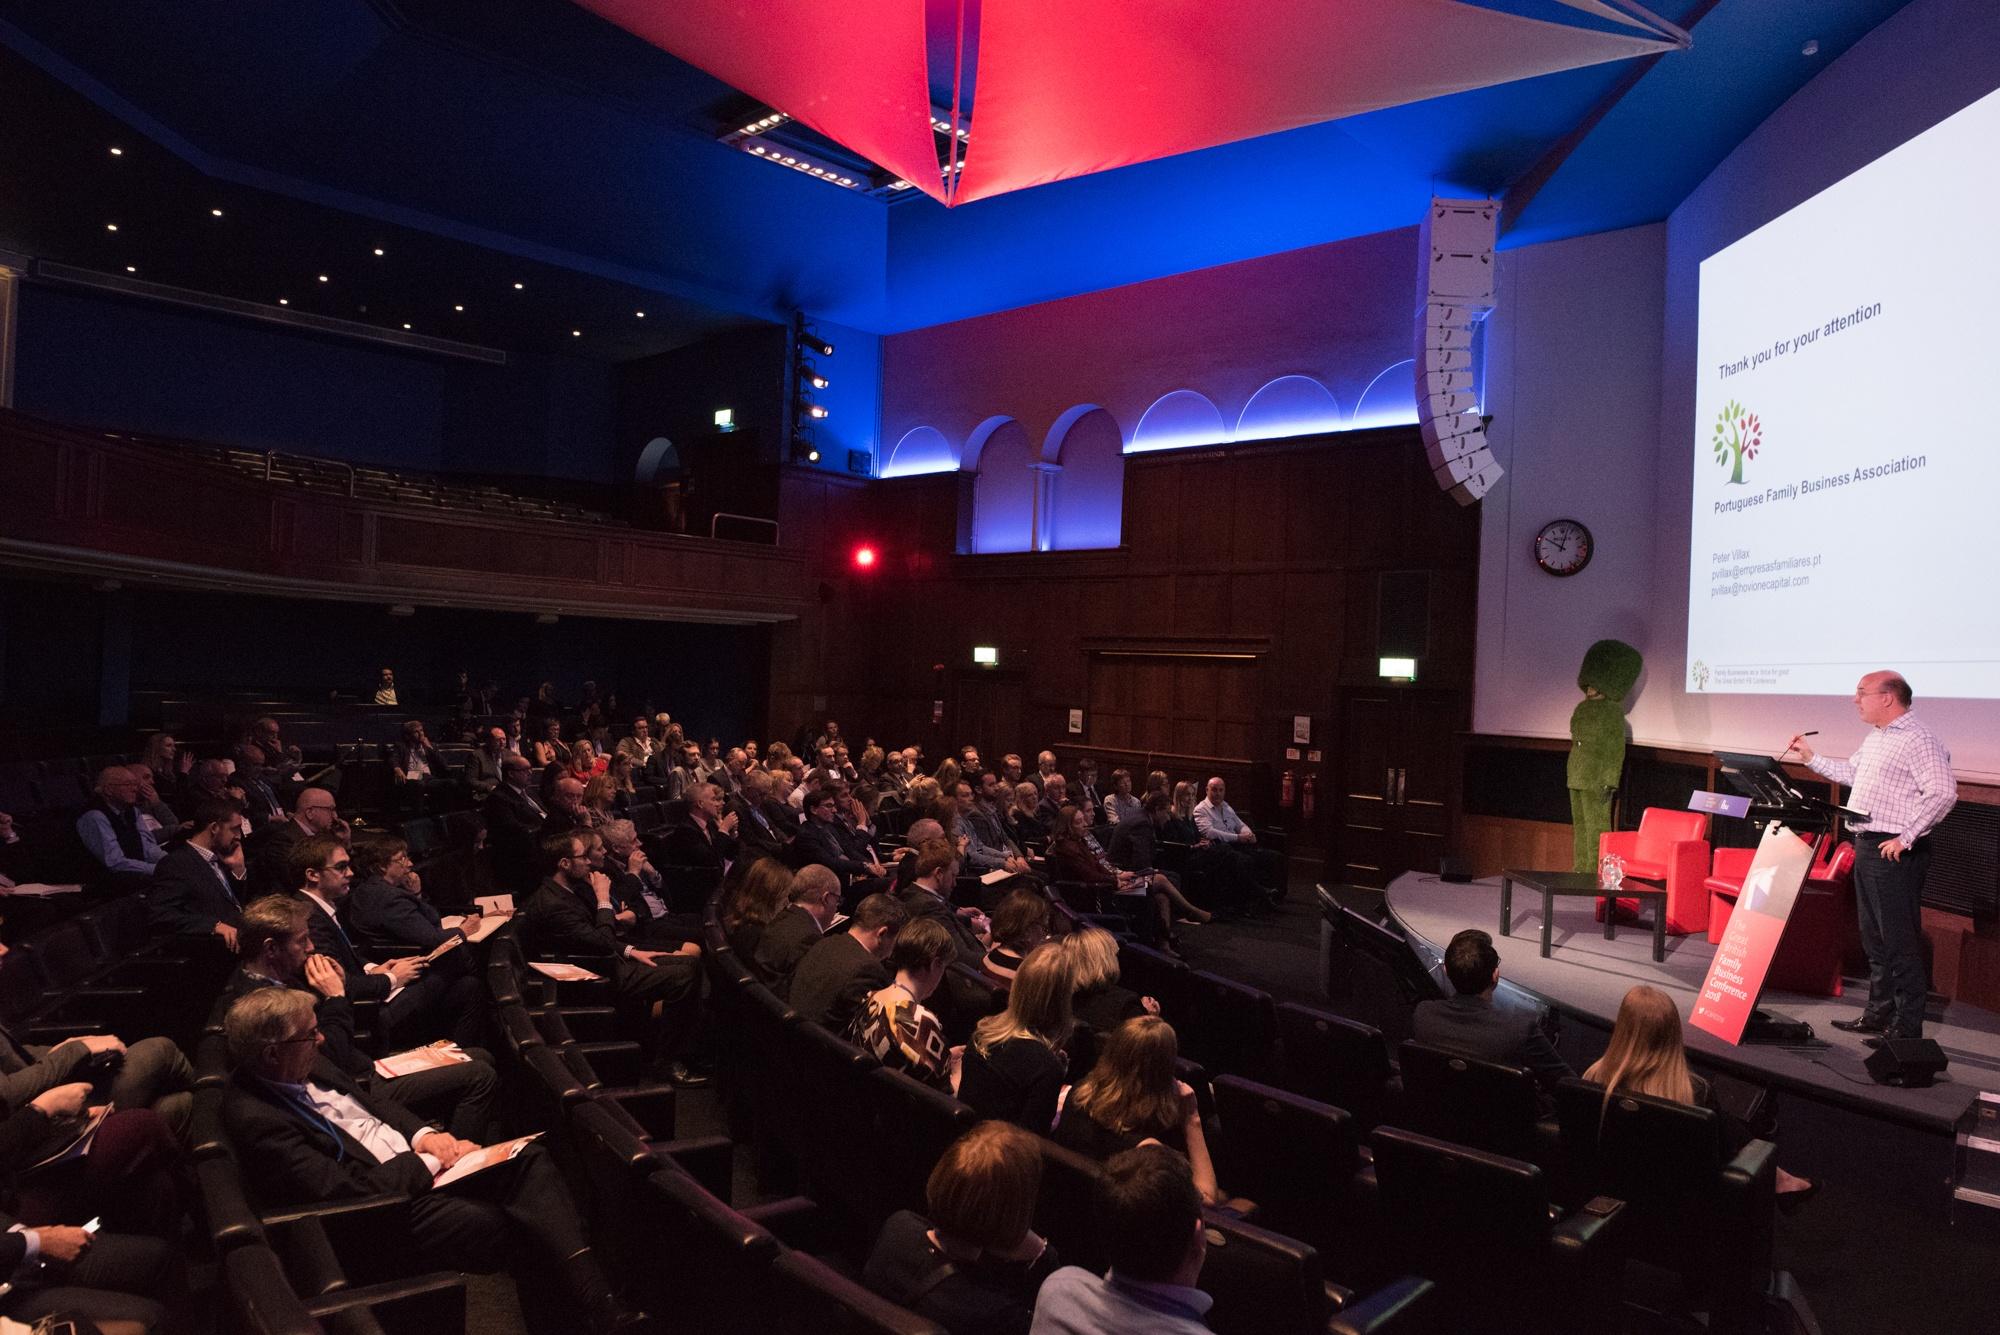 FBU conference auditorium